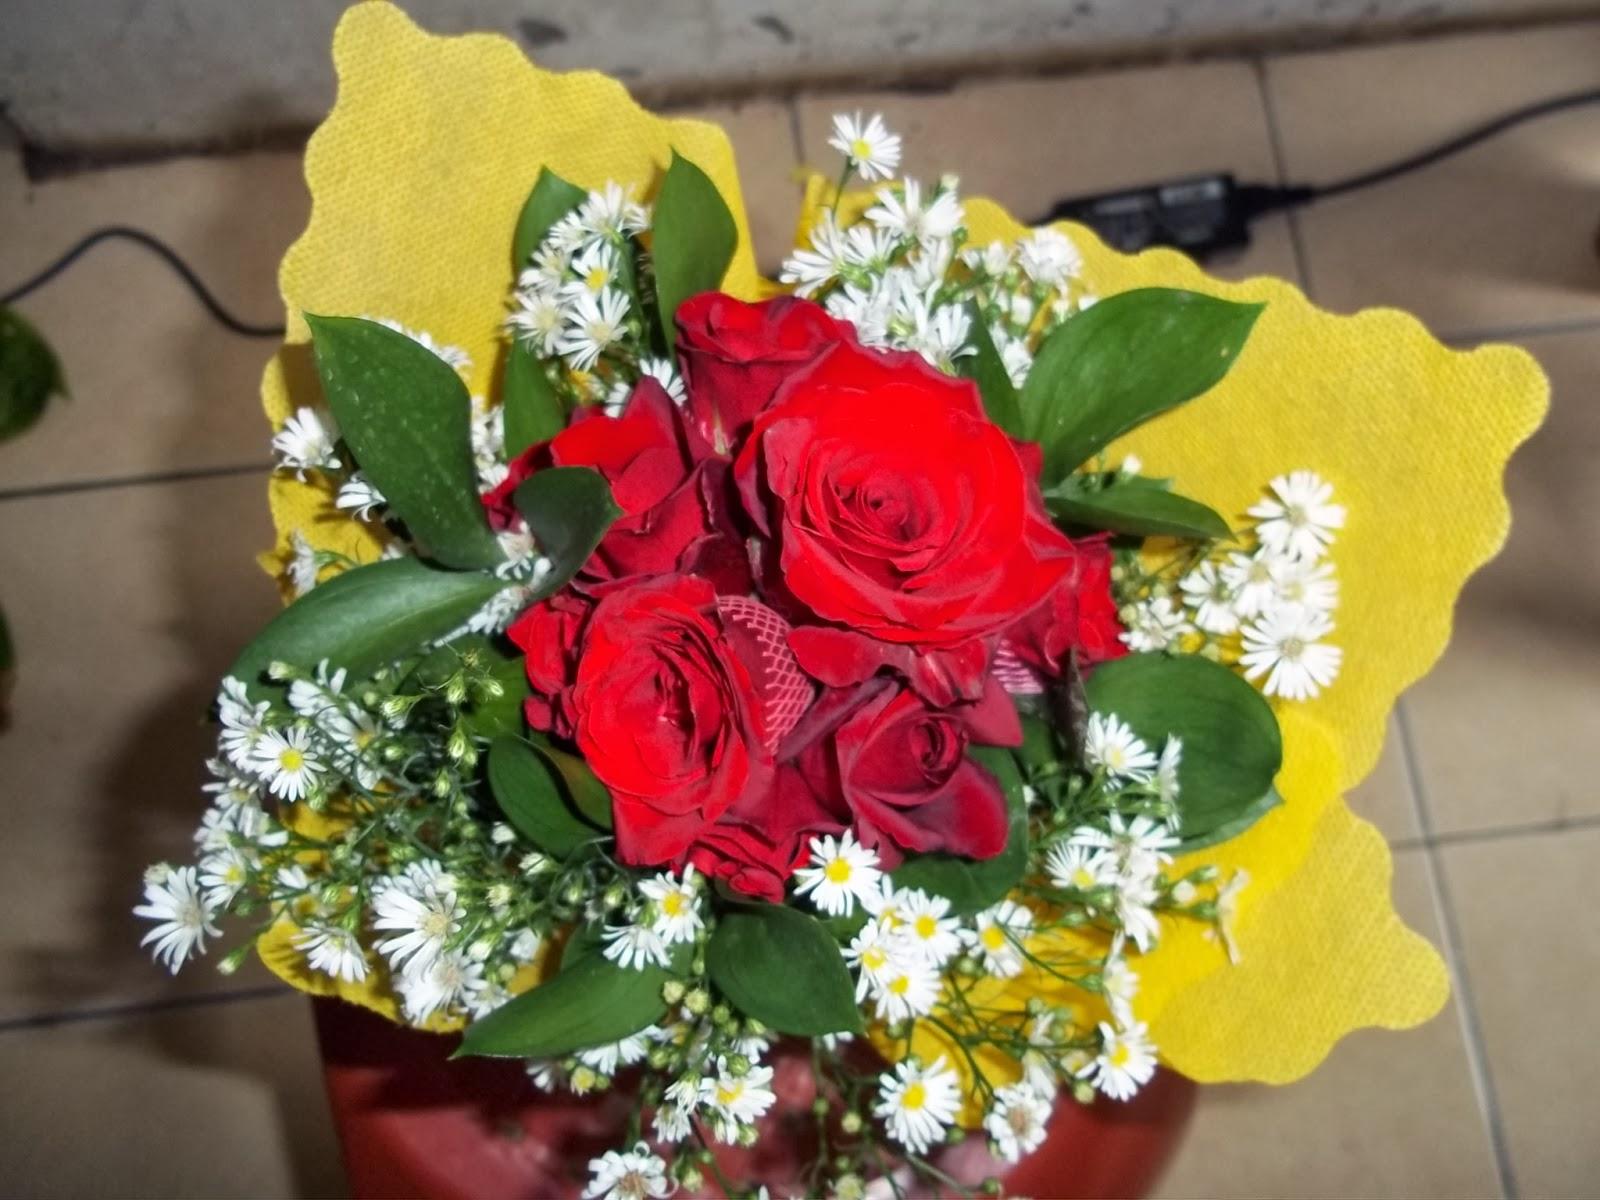 Erwan Dhank Sabrina Flowers Sells Various Fresh Cut Flowers